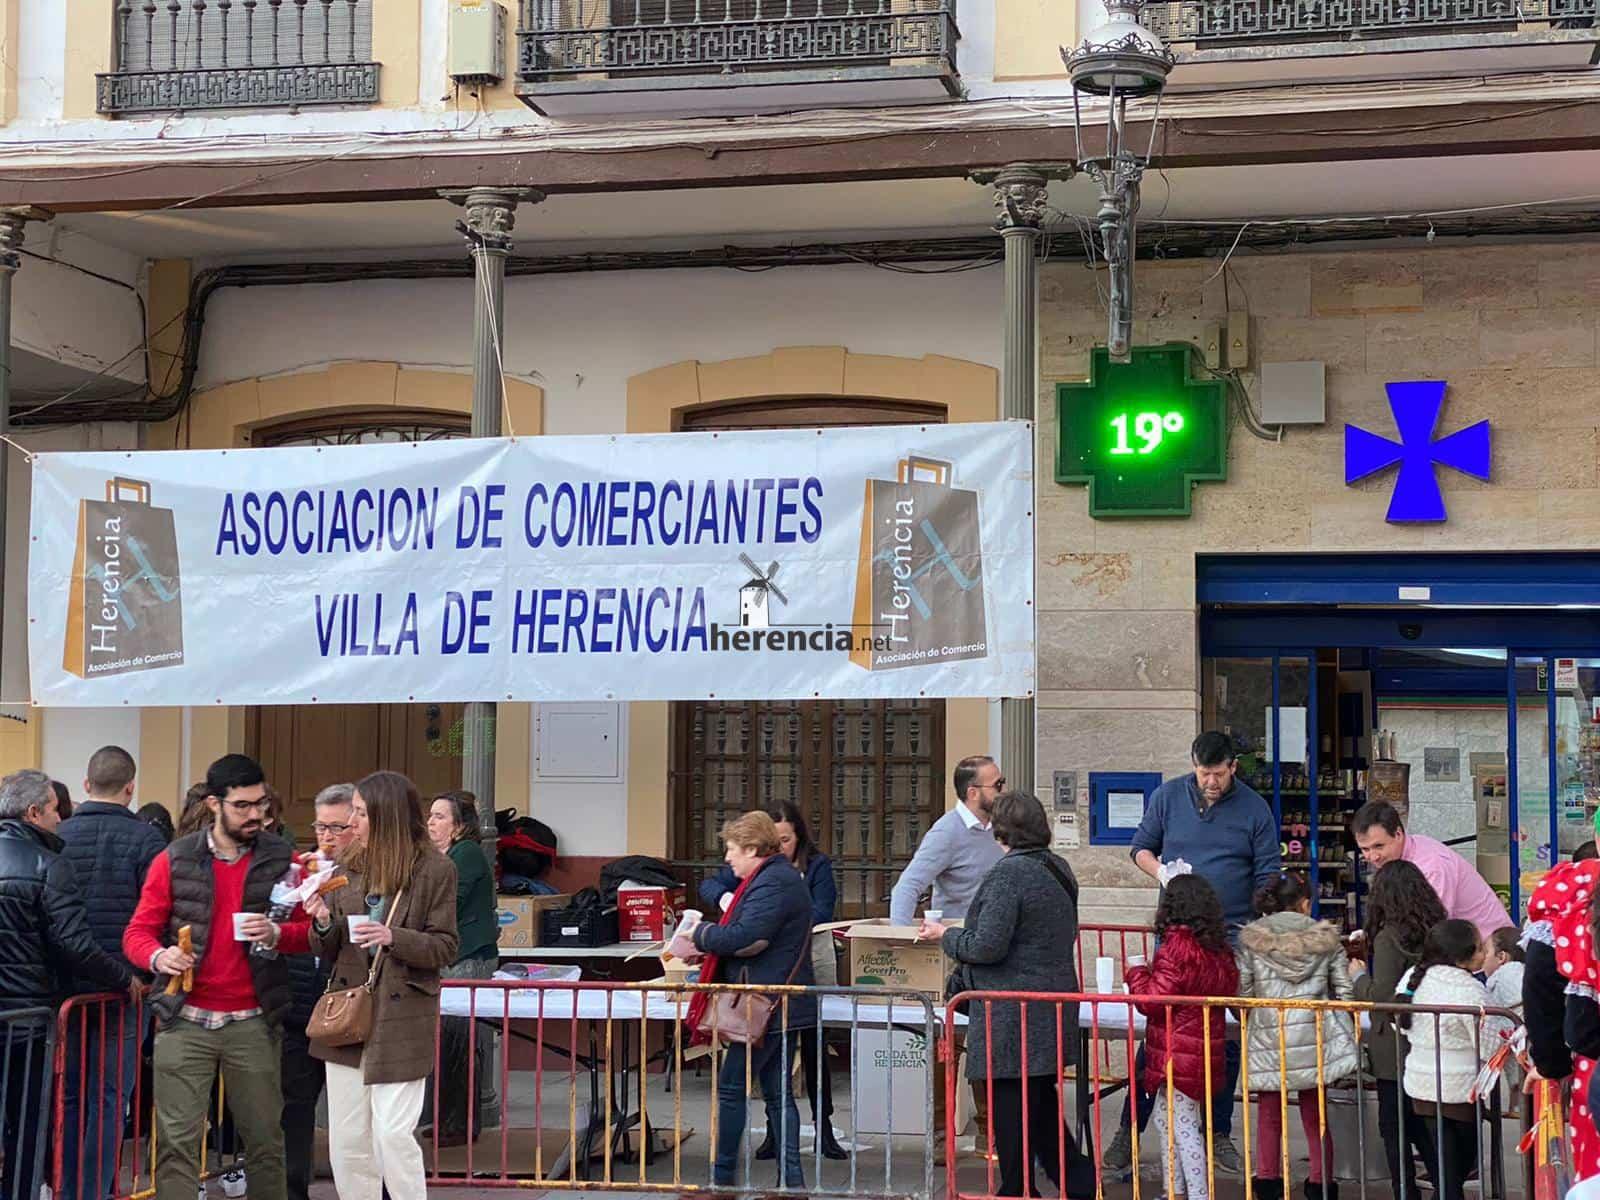 El Domingo de las Deseosas invita a todo el mundo al Carnaval de Herencia 150